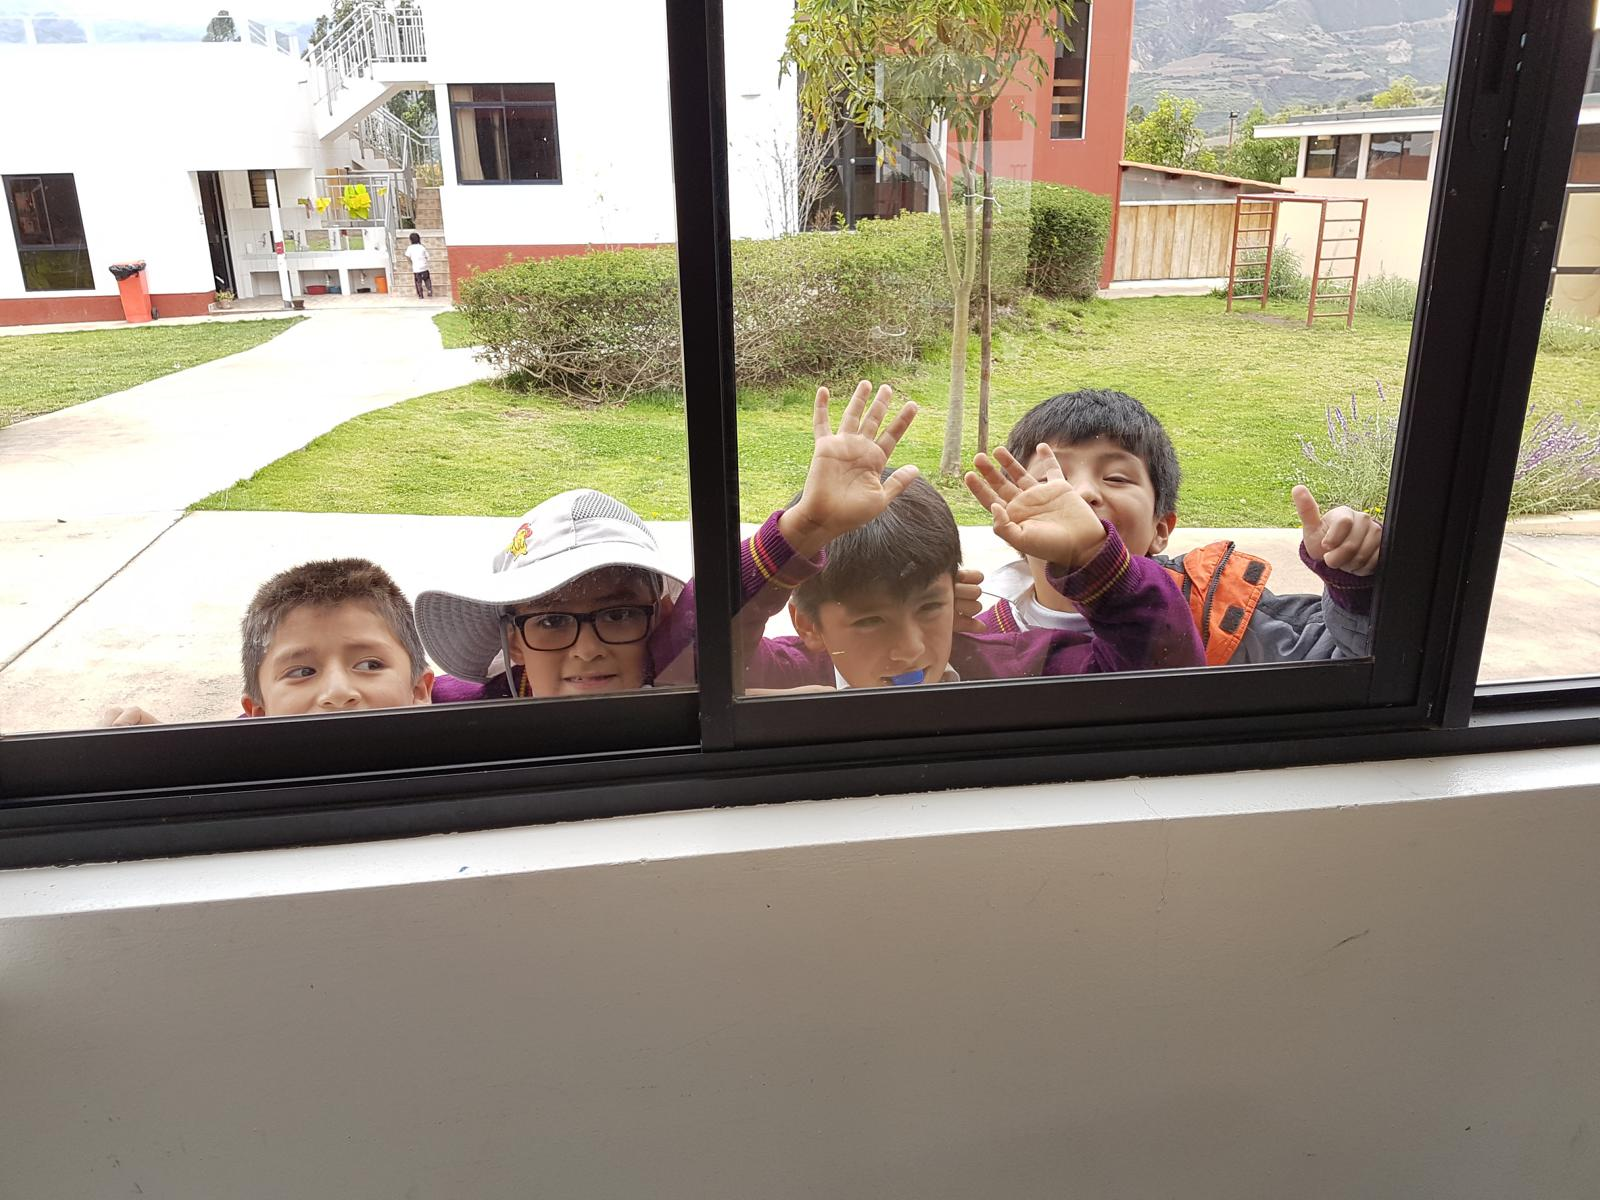 Schaulustige am Fenster.